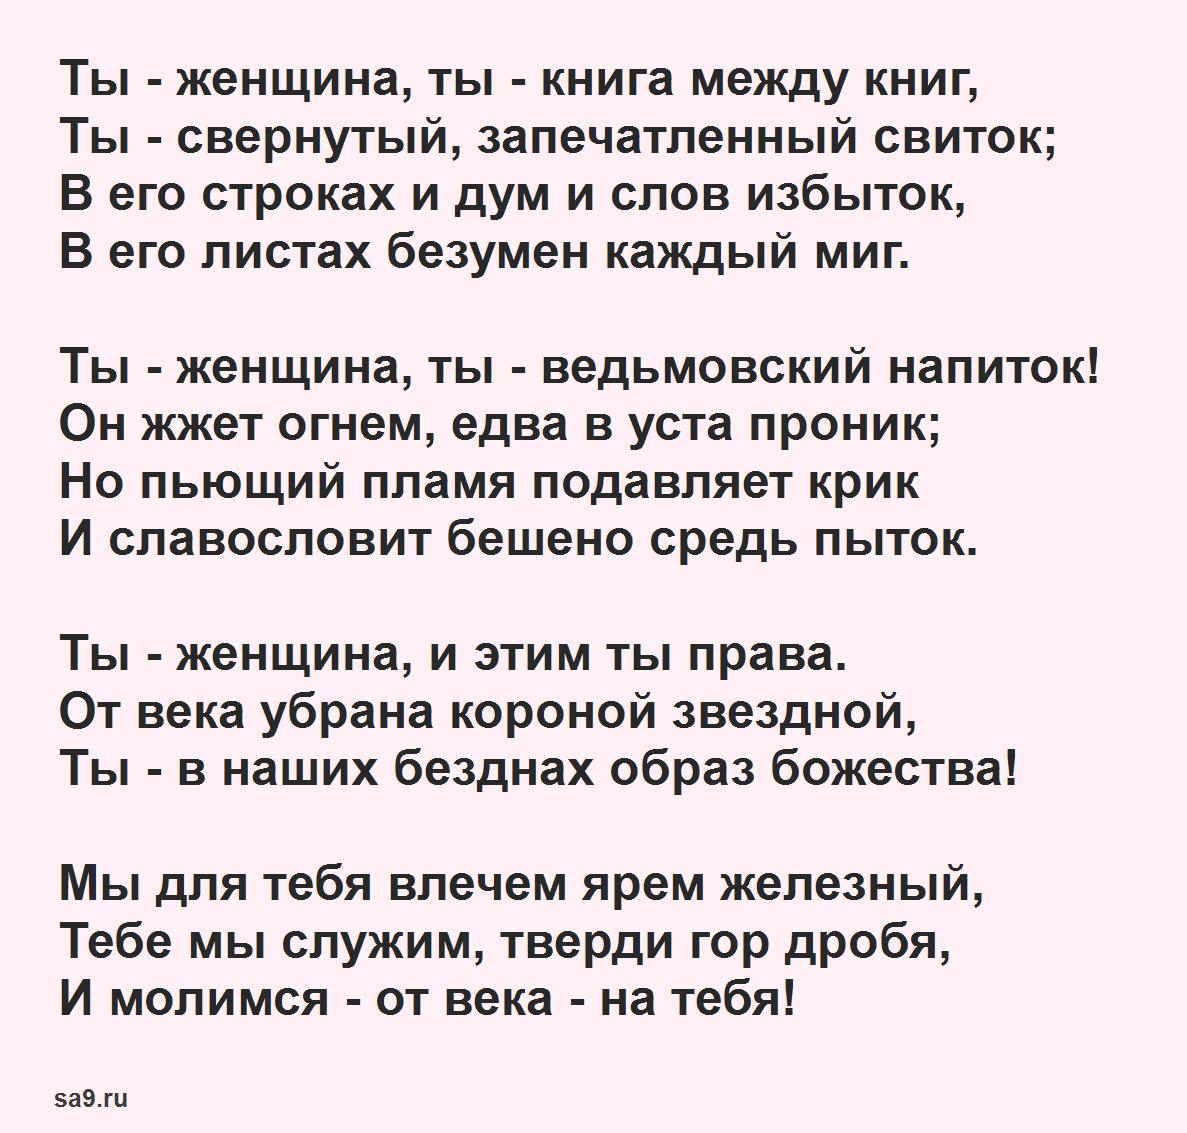 Читать стих Брюсова - Женщине, 16 строк